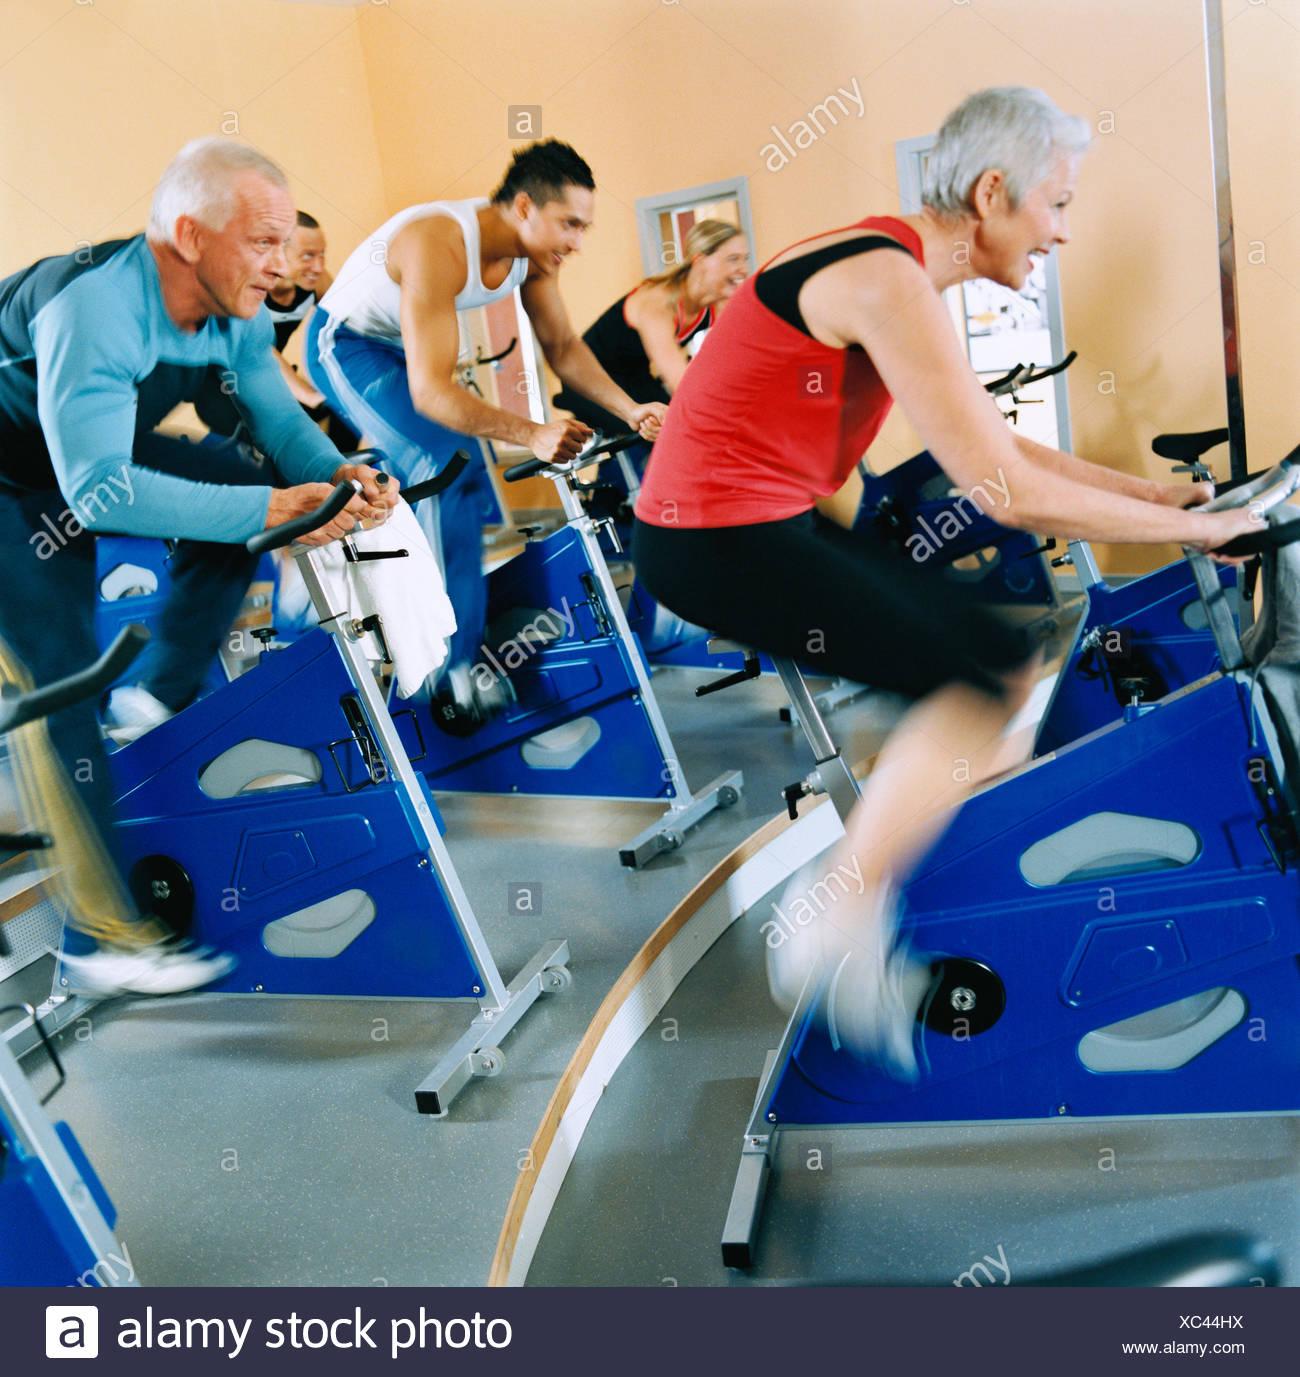 20-24 anni 30-34 anni di attività solo adulti atleta bodybuilding bicicletta colore ciclo immagine esercizio cinque persone palestra health Immagini Stock